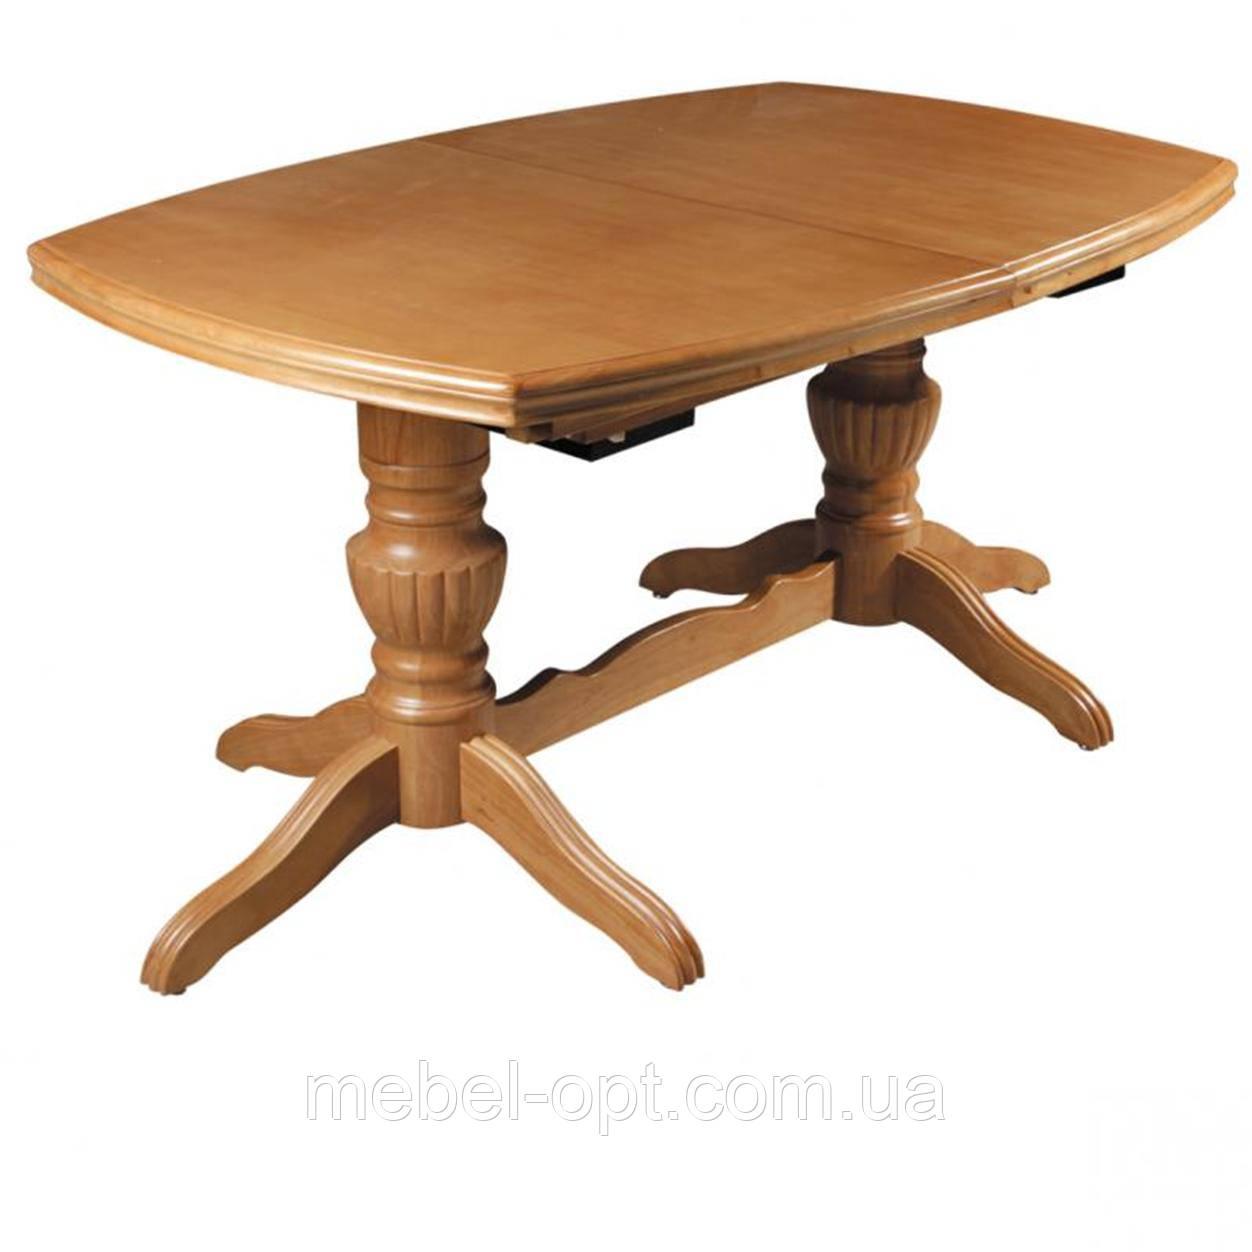 Раскладной обеденный стол, 3 вставки по 50см, WT-58 ольха